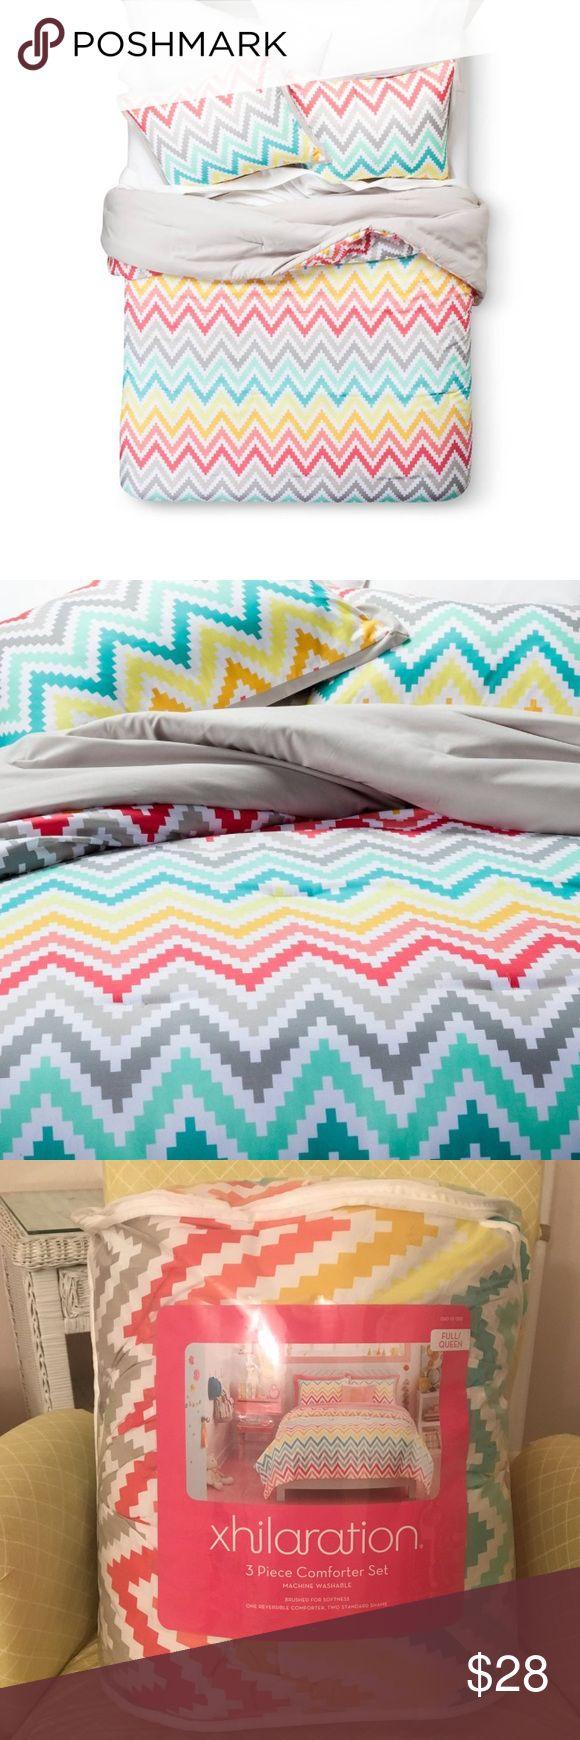 Best 28 xhilaration 2 pc comforter set amazon com Xhilaration home decor